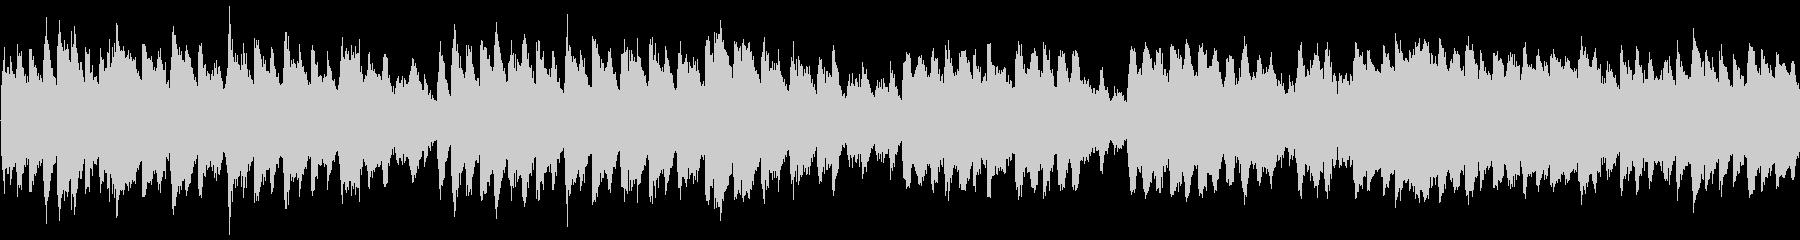 クリスマス パーカッション ピアノ...の未再生の波形